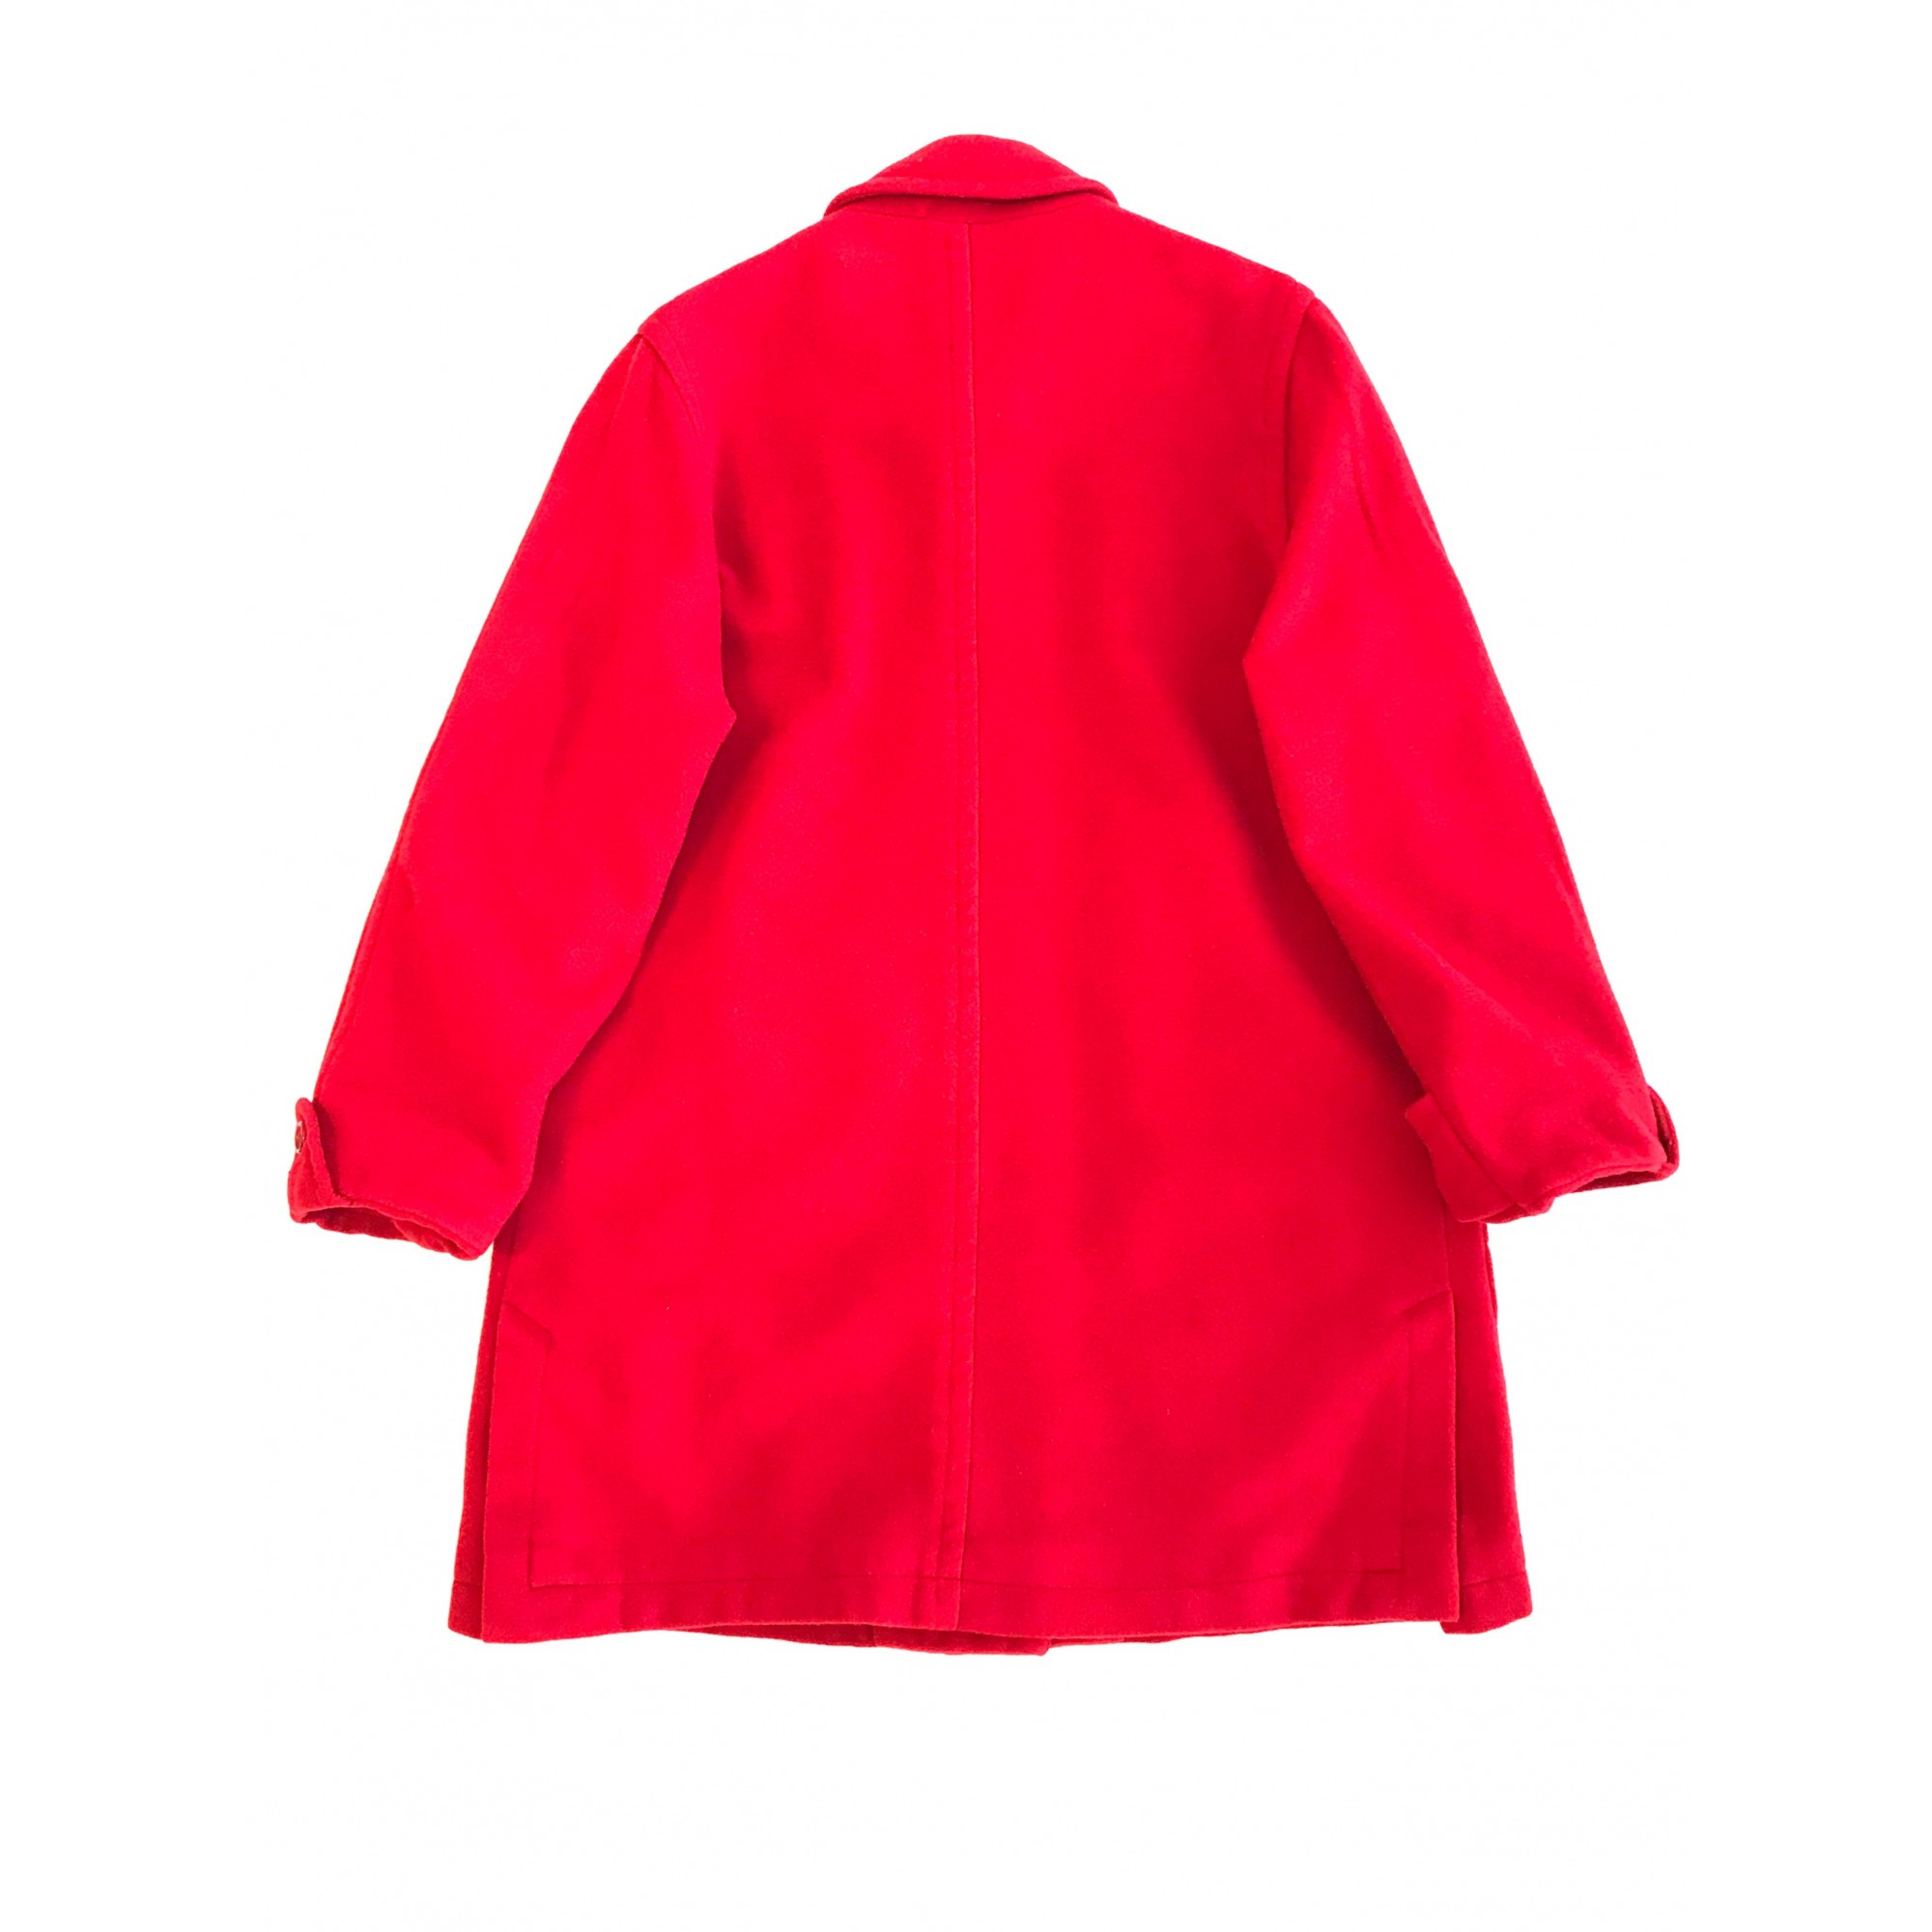 Casaco Burberry Vermelho